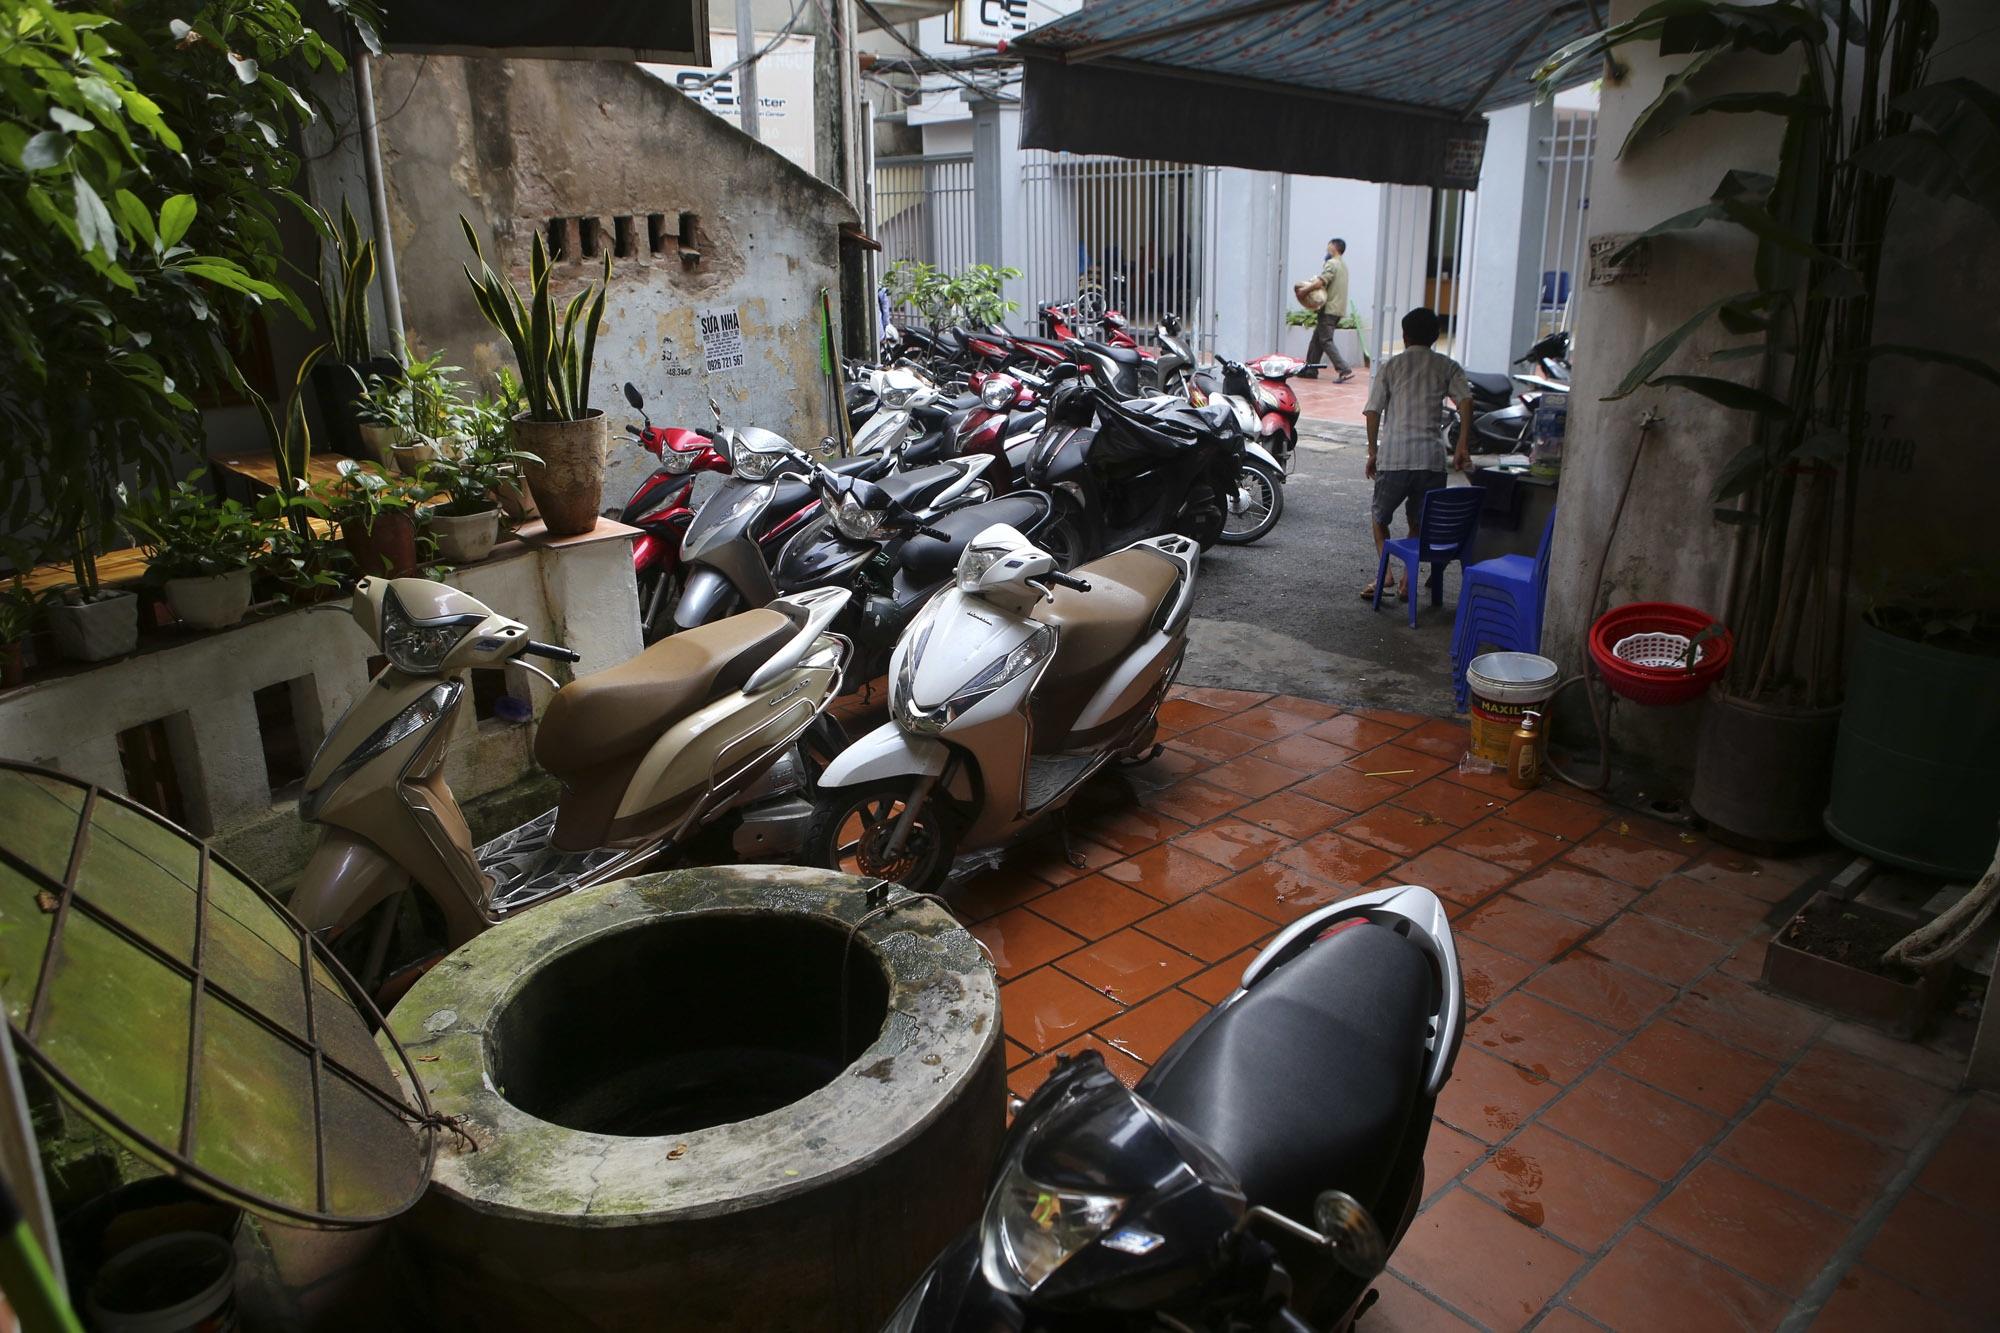 Nhịp sống sôi động trong ngõ siêu nhỏ ở phố cổ Hà Nội - 12